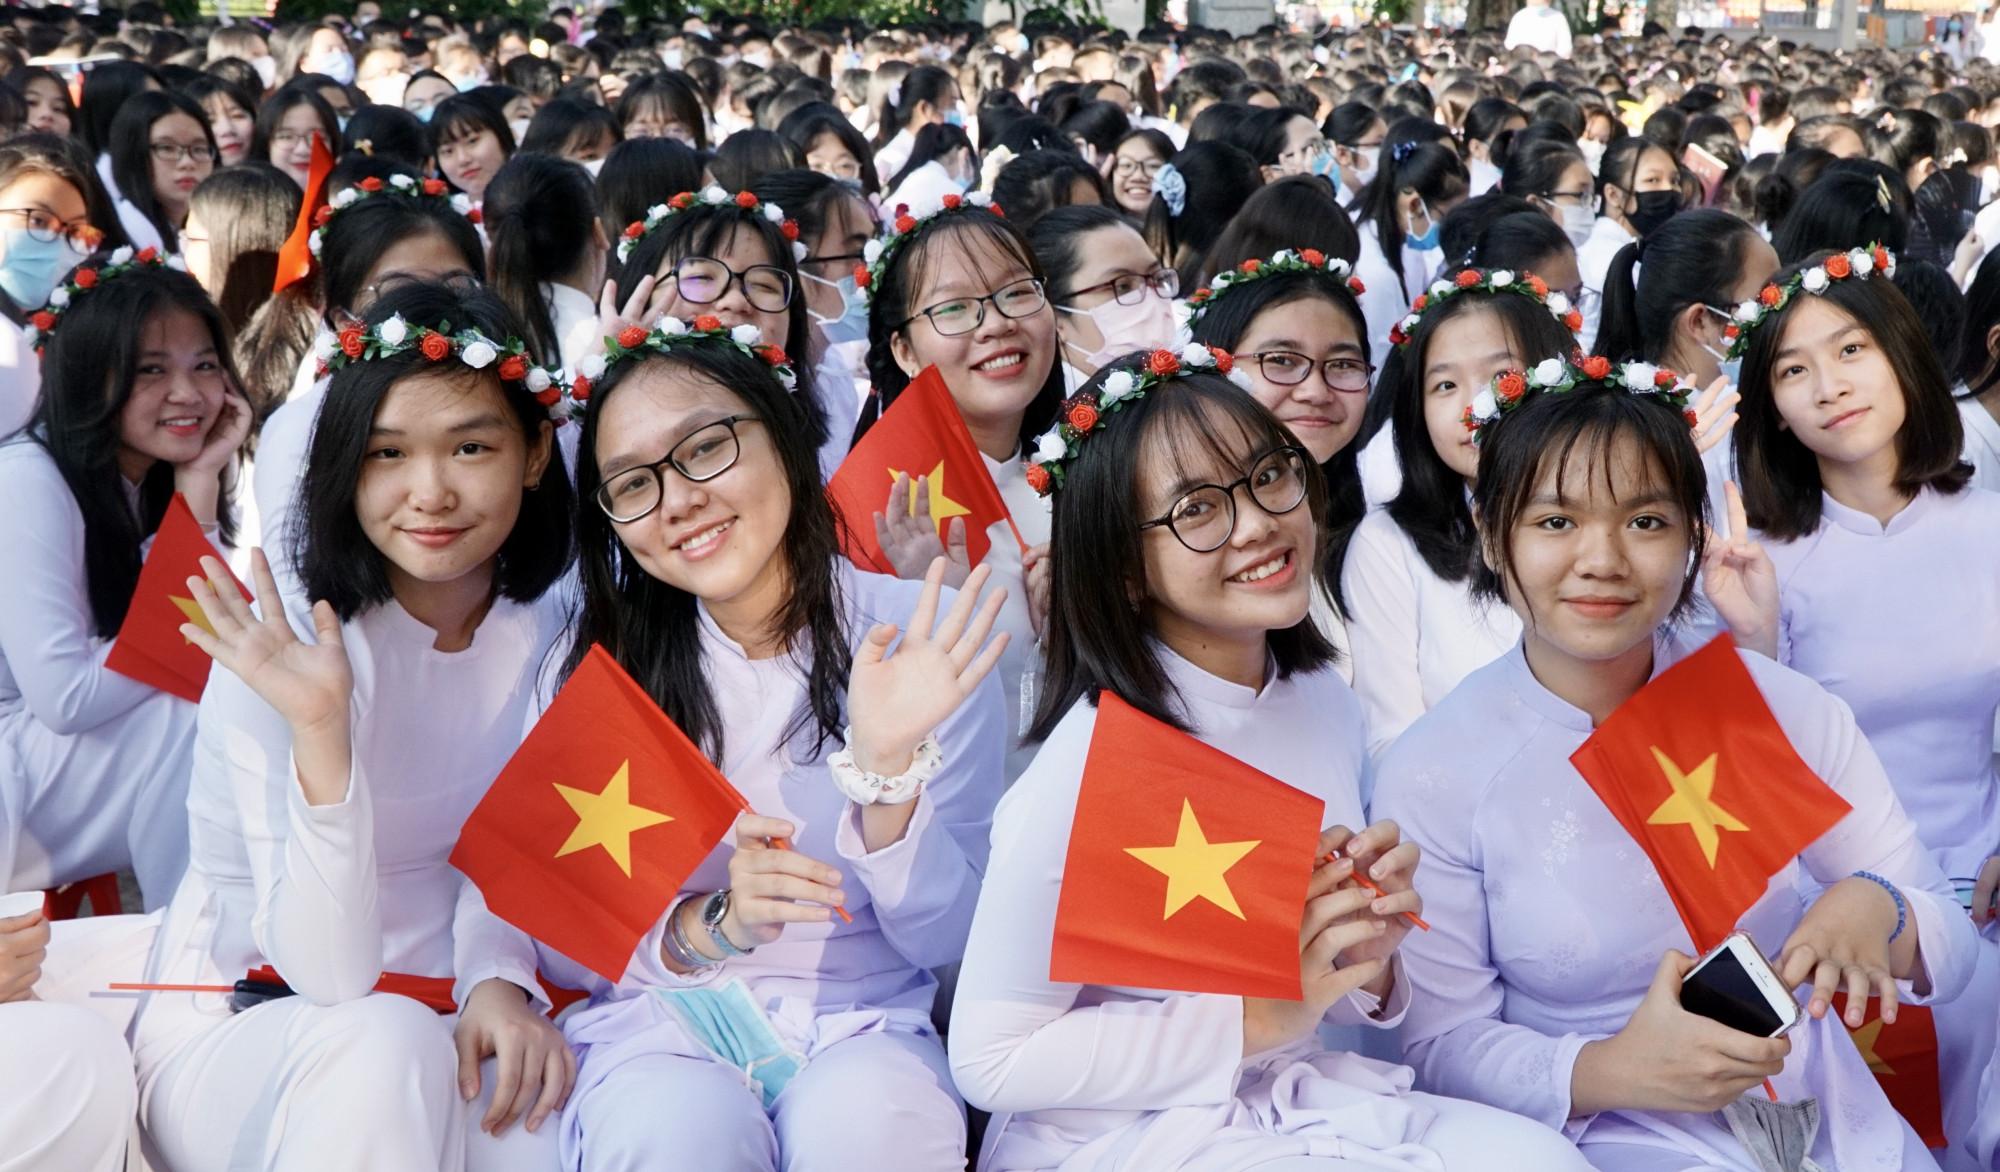 Học sinh lớp 10 Trường THPT Mạc Đĩnh Chi trong lễ khai giảng năm học mới